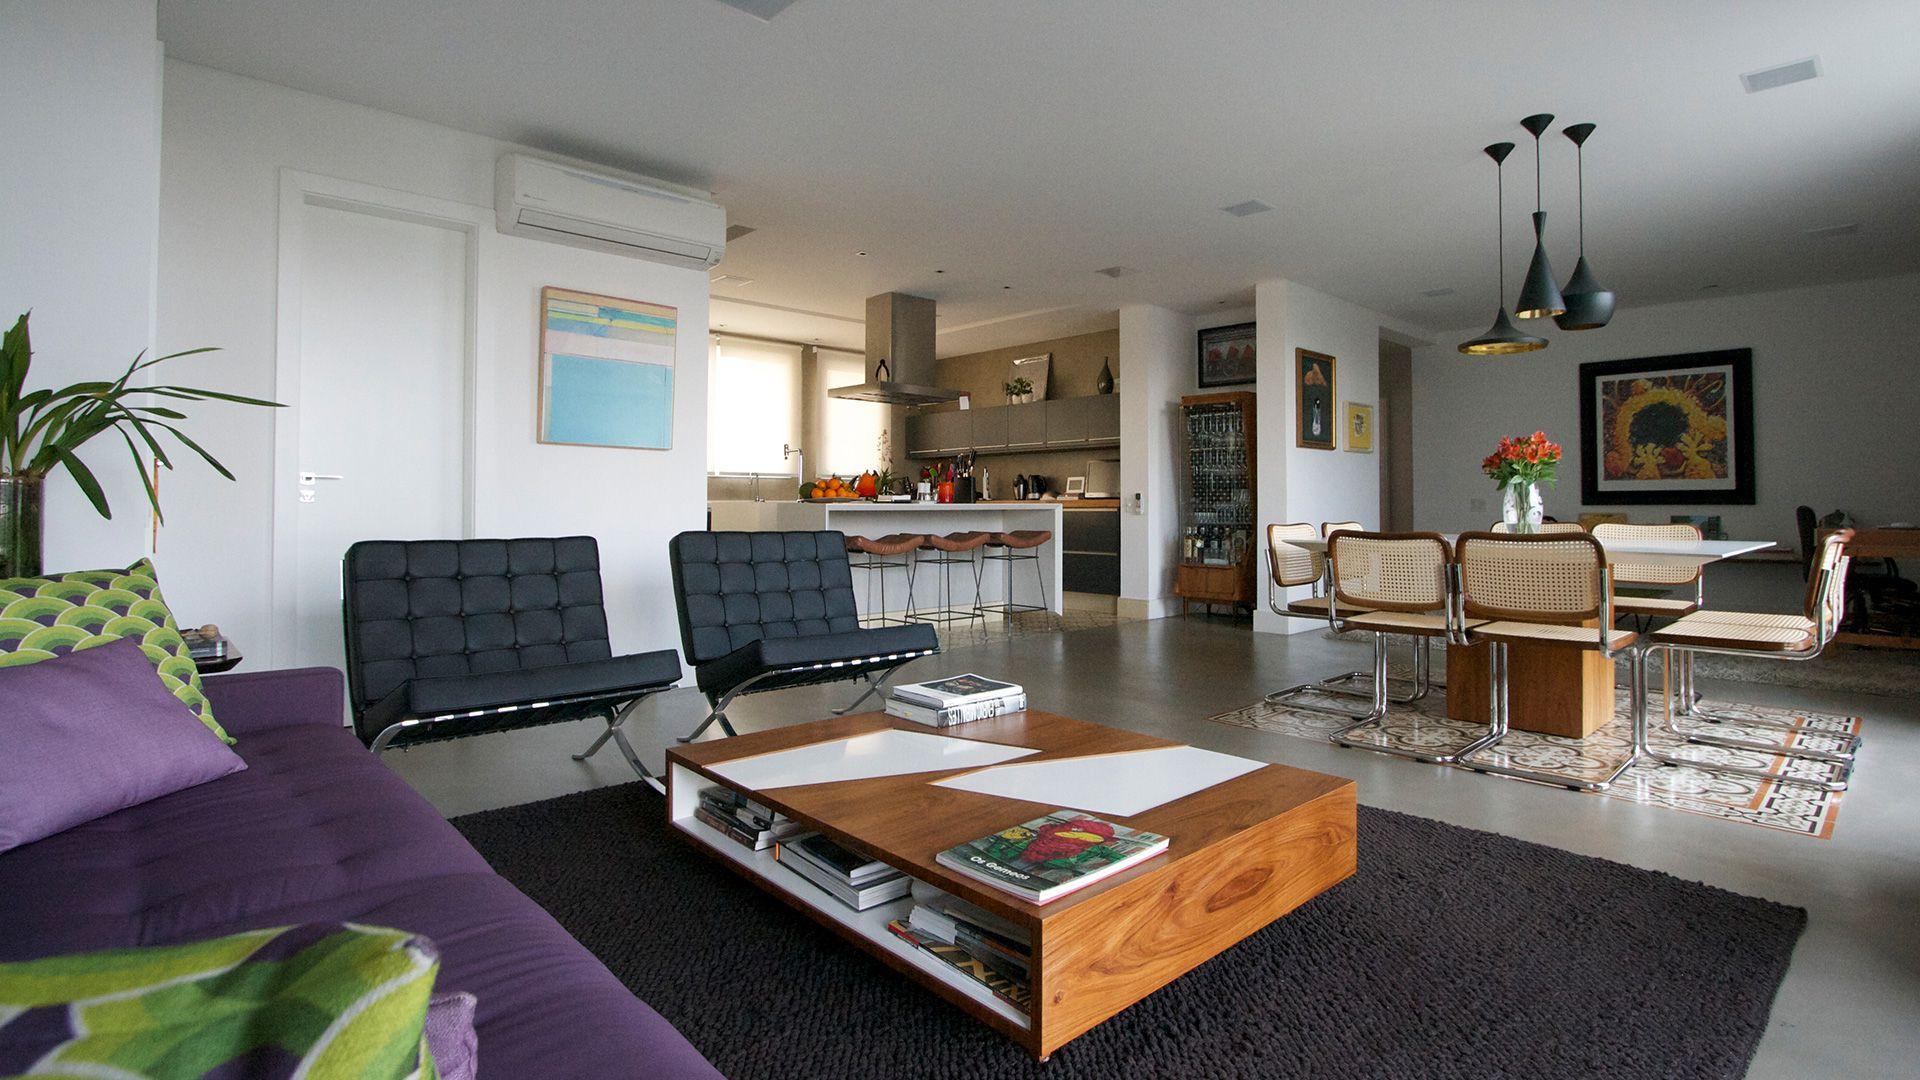 apartamento-analia-franco-foto-sala-de-estar-jantar-e-cozinha-02